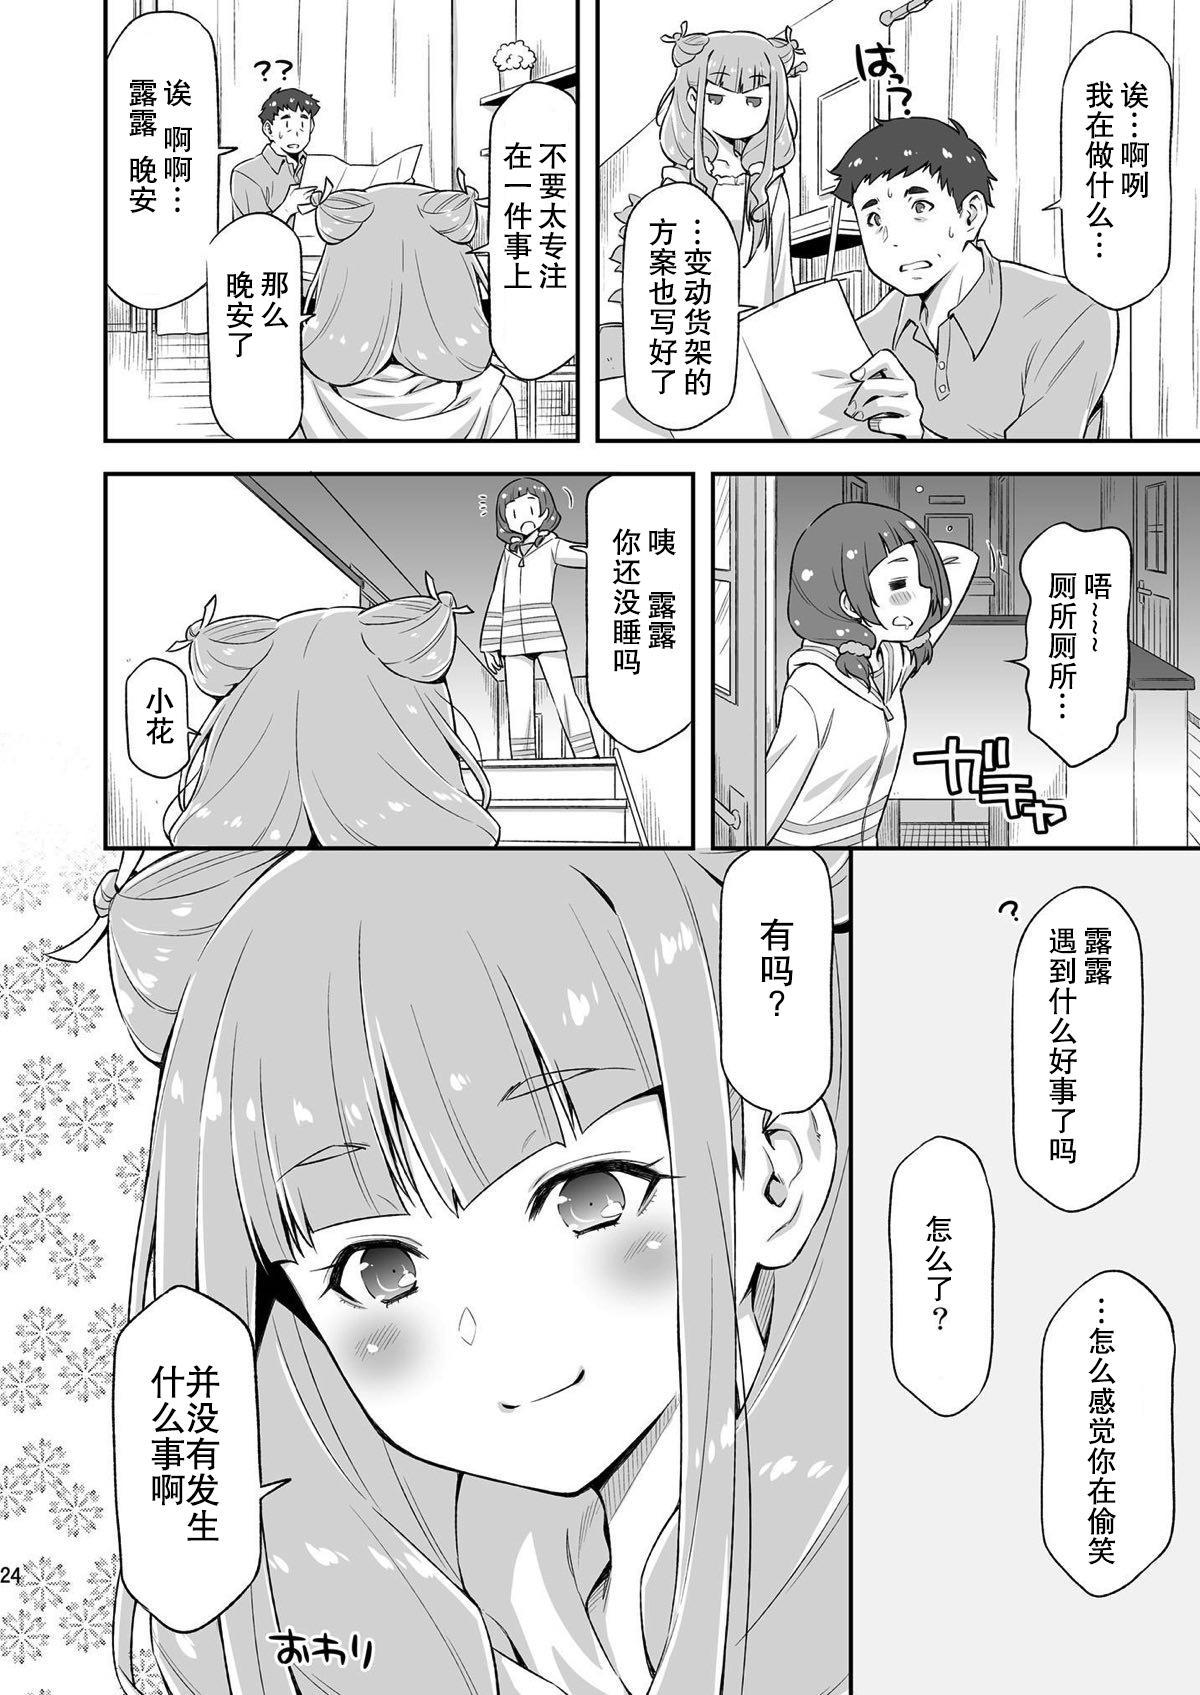 Ruru ga Yonaka ni Totsuzen Semattekita node. 23